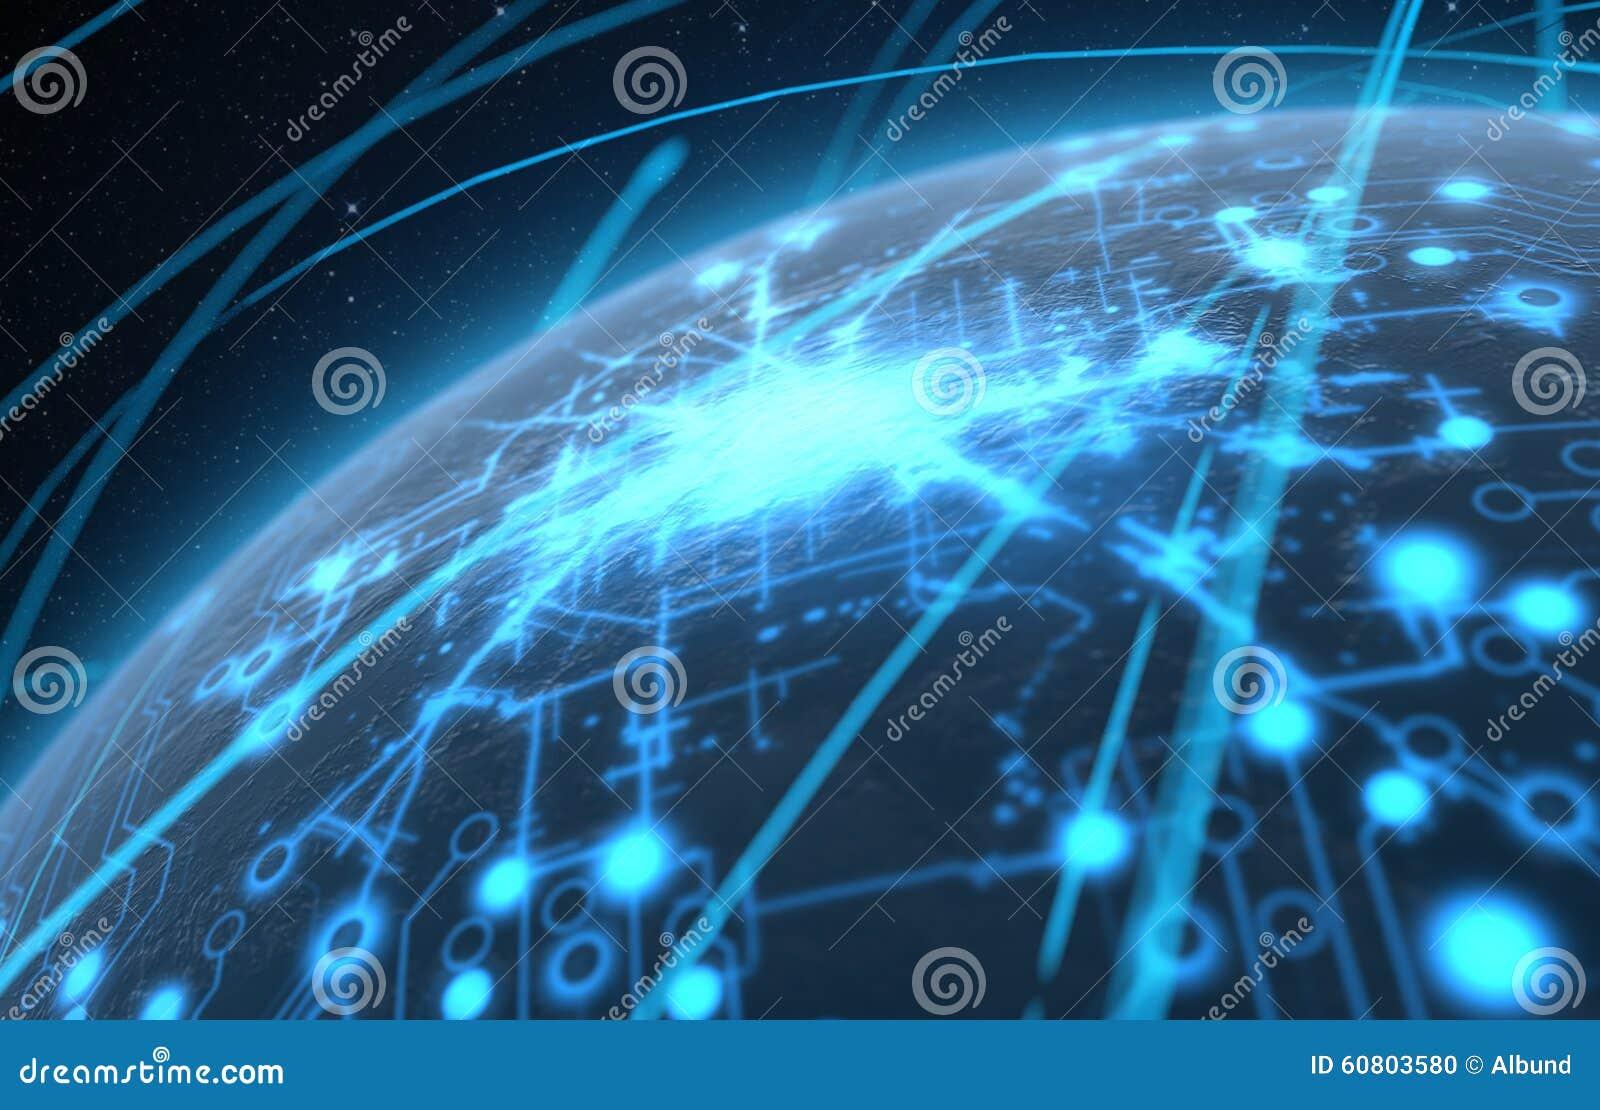 网络商标是什么意思_1和0是什么意思网络真的好吗价格